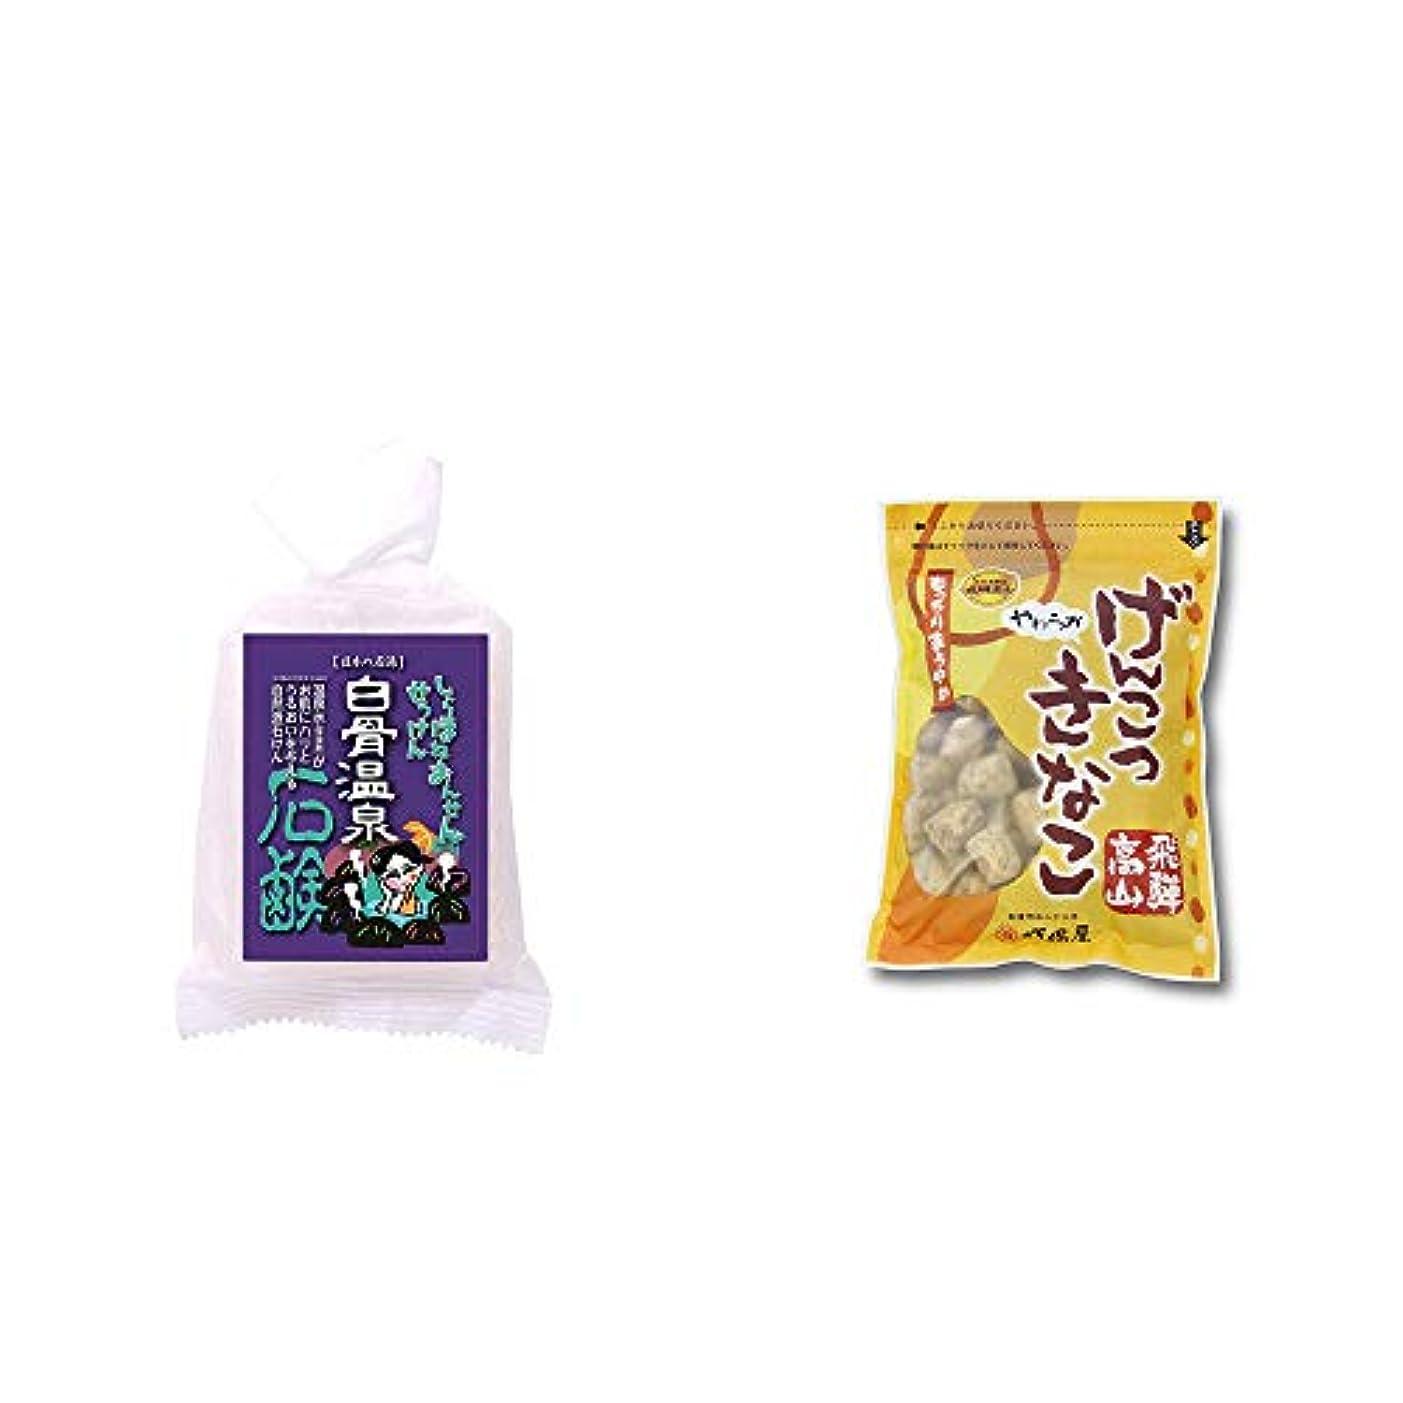 破産港デッド[2点セット] 信州 白骨温泉石鹸(80g)?飛騨 打保屋 駄菓子 黒胡麻こくせん(130g)